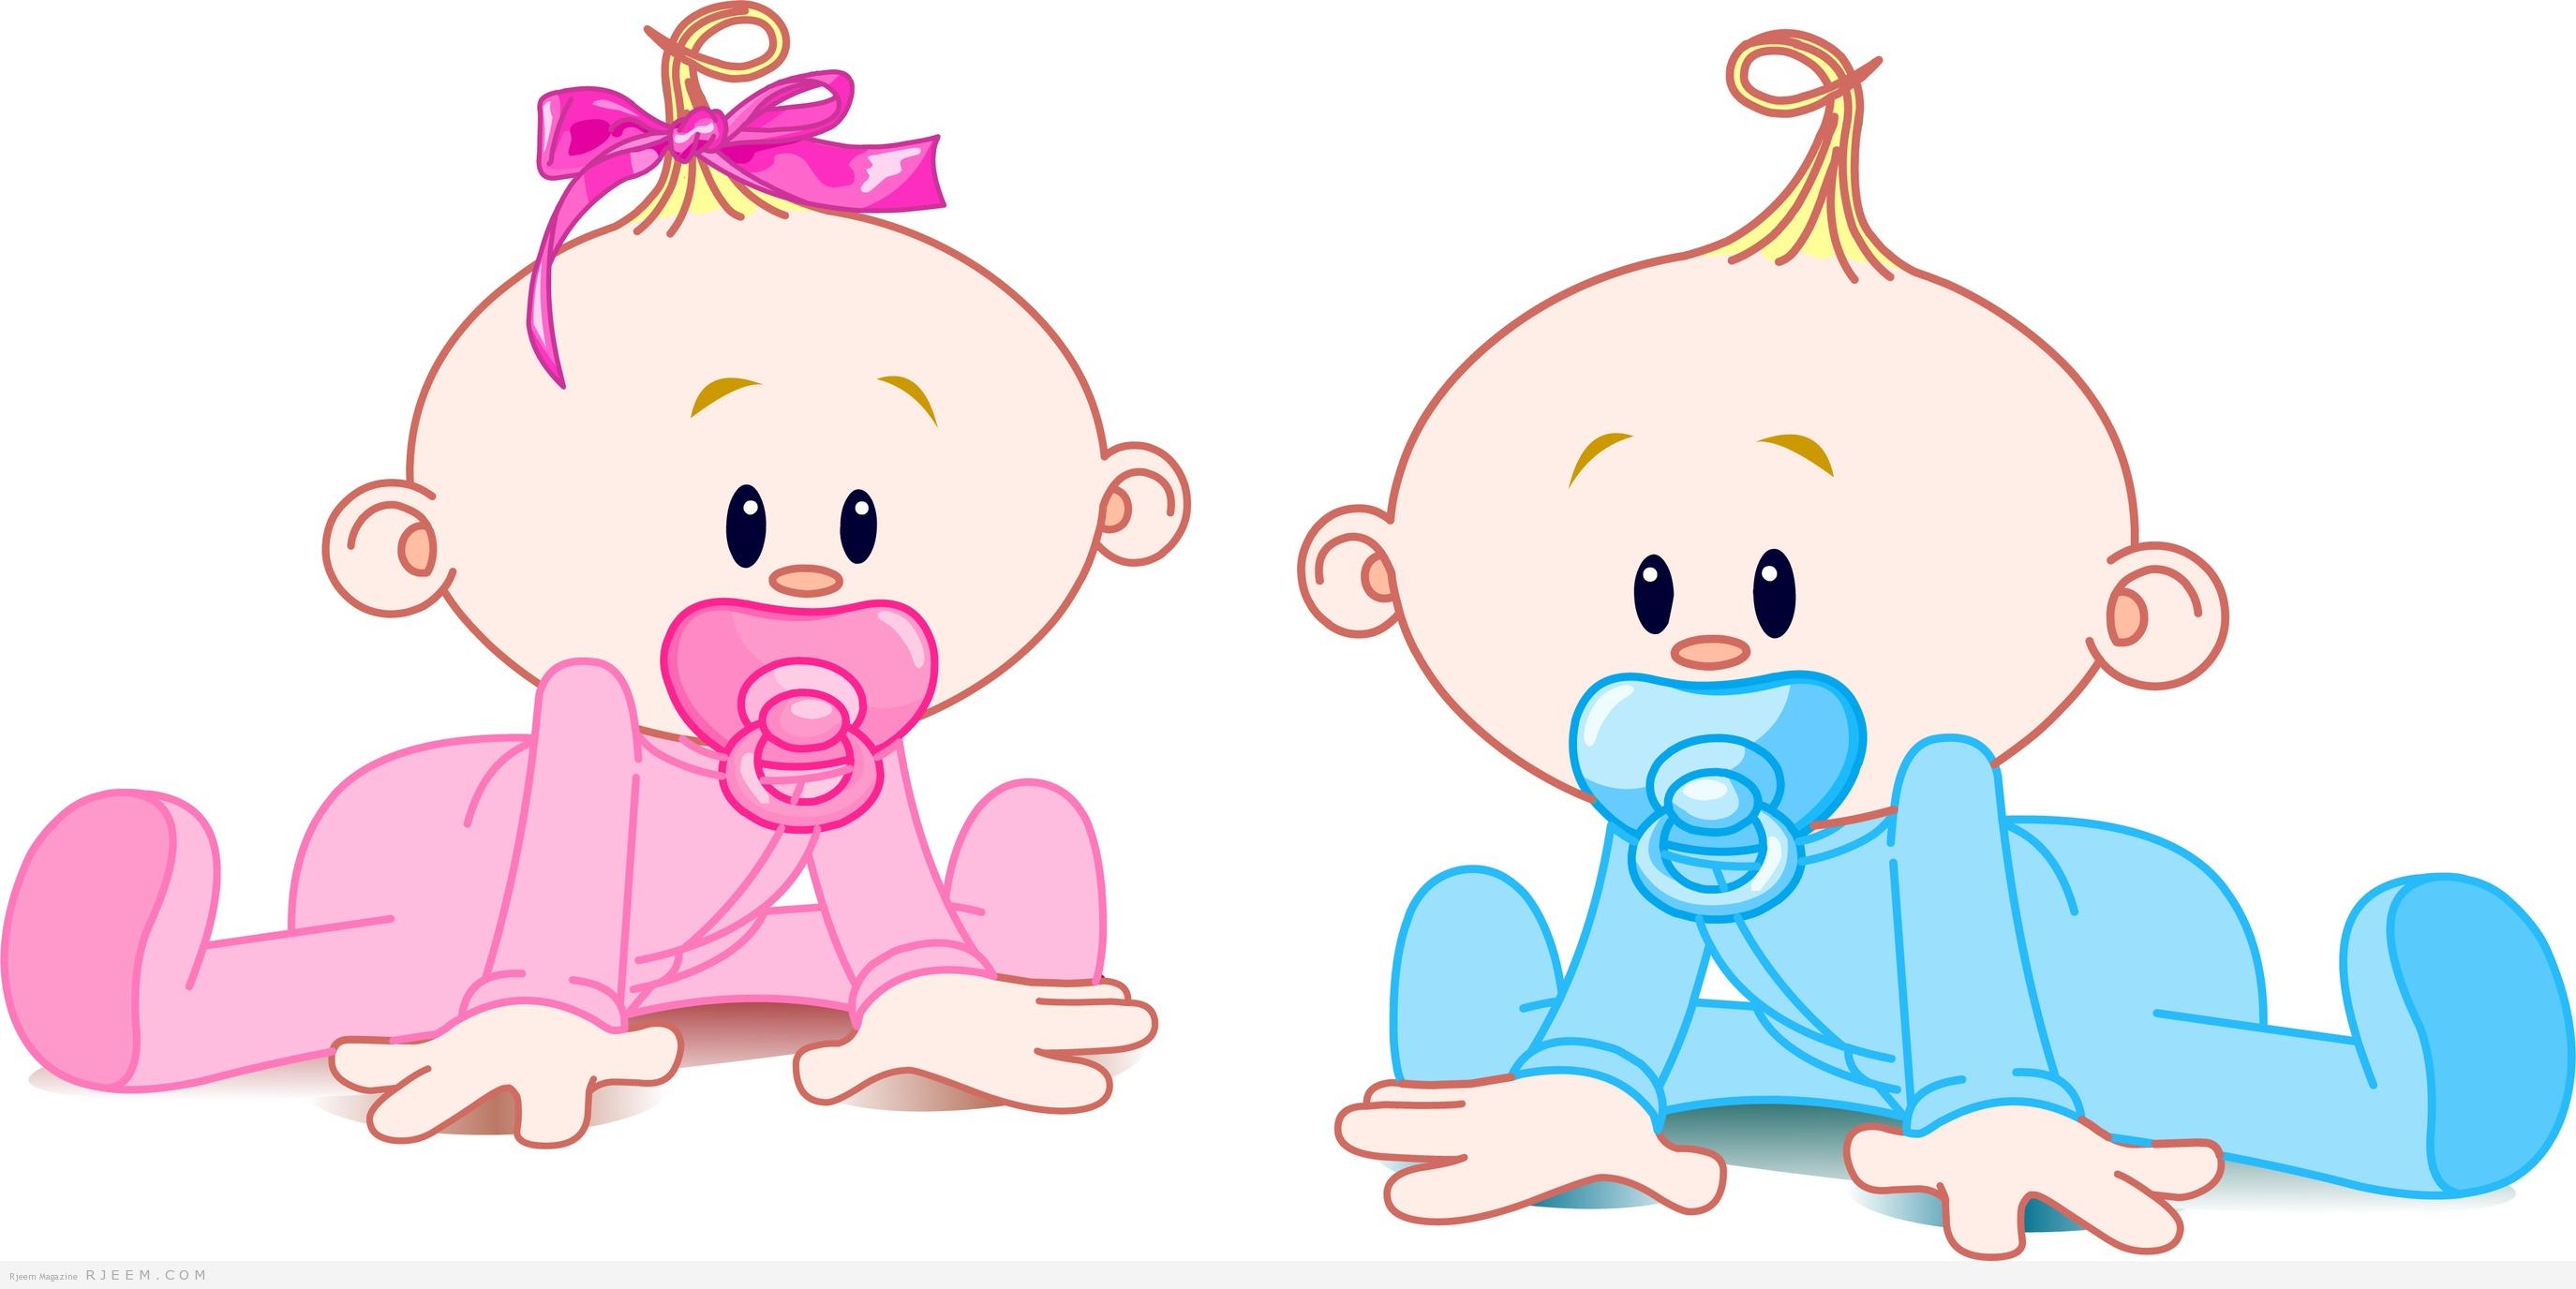 صور كيفية معرفة نوع الجنين , علامات بسيطة لمعرفة نوع الجنين